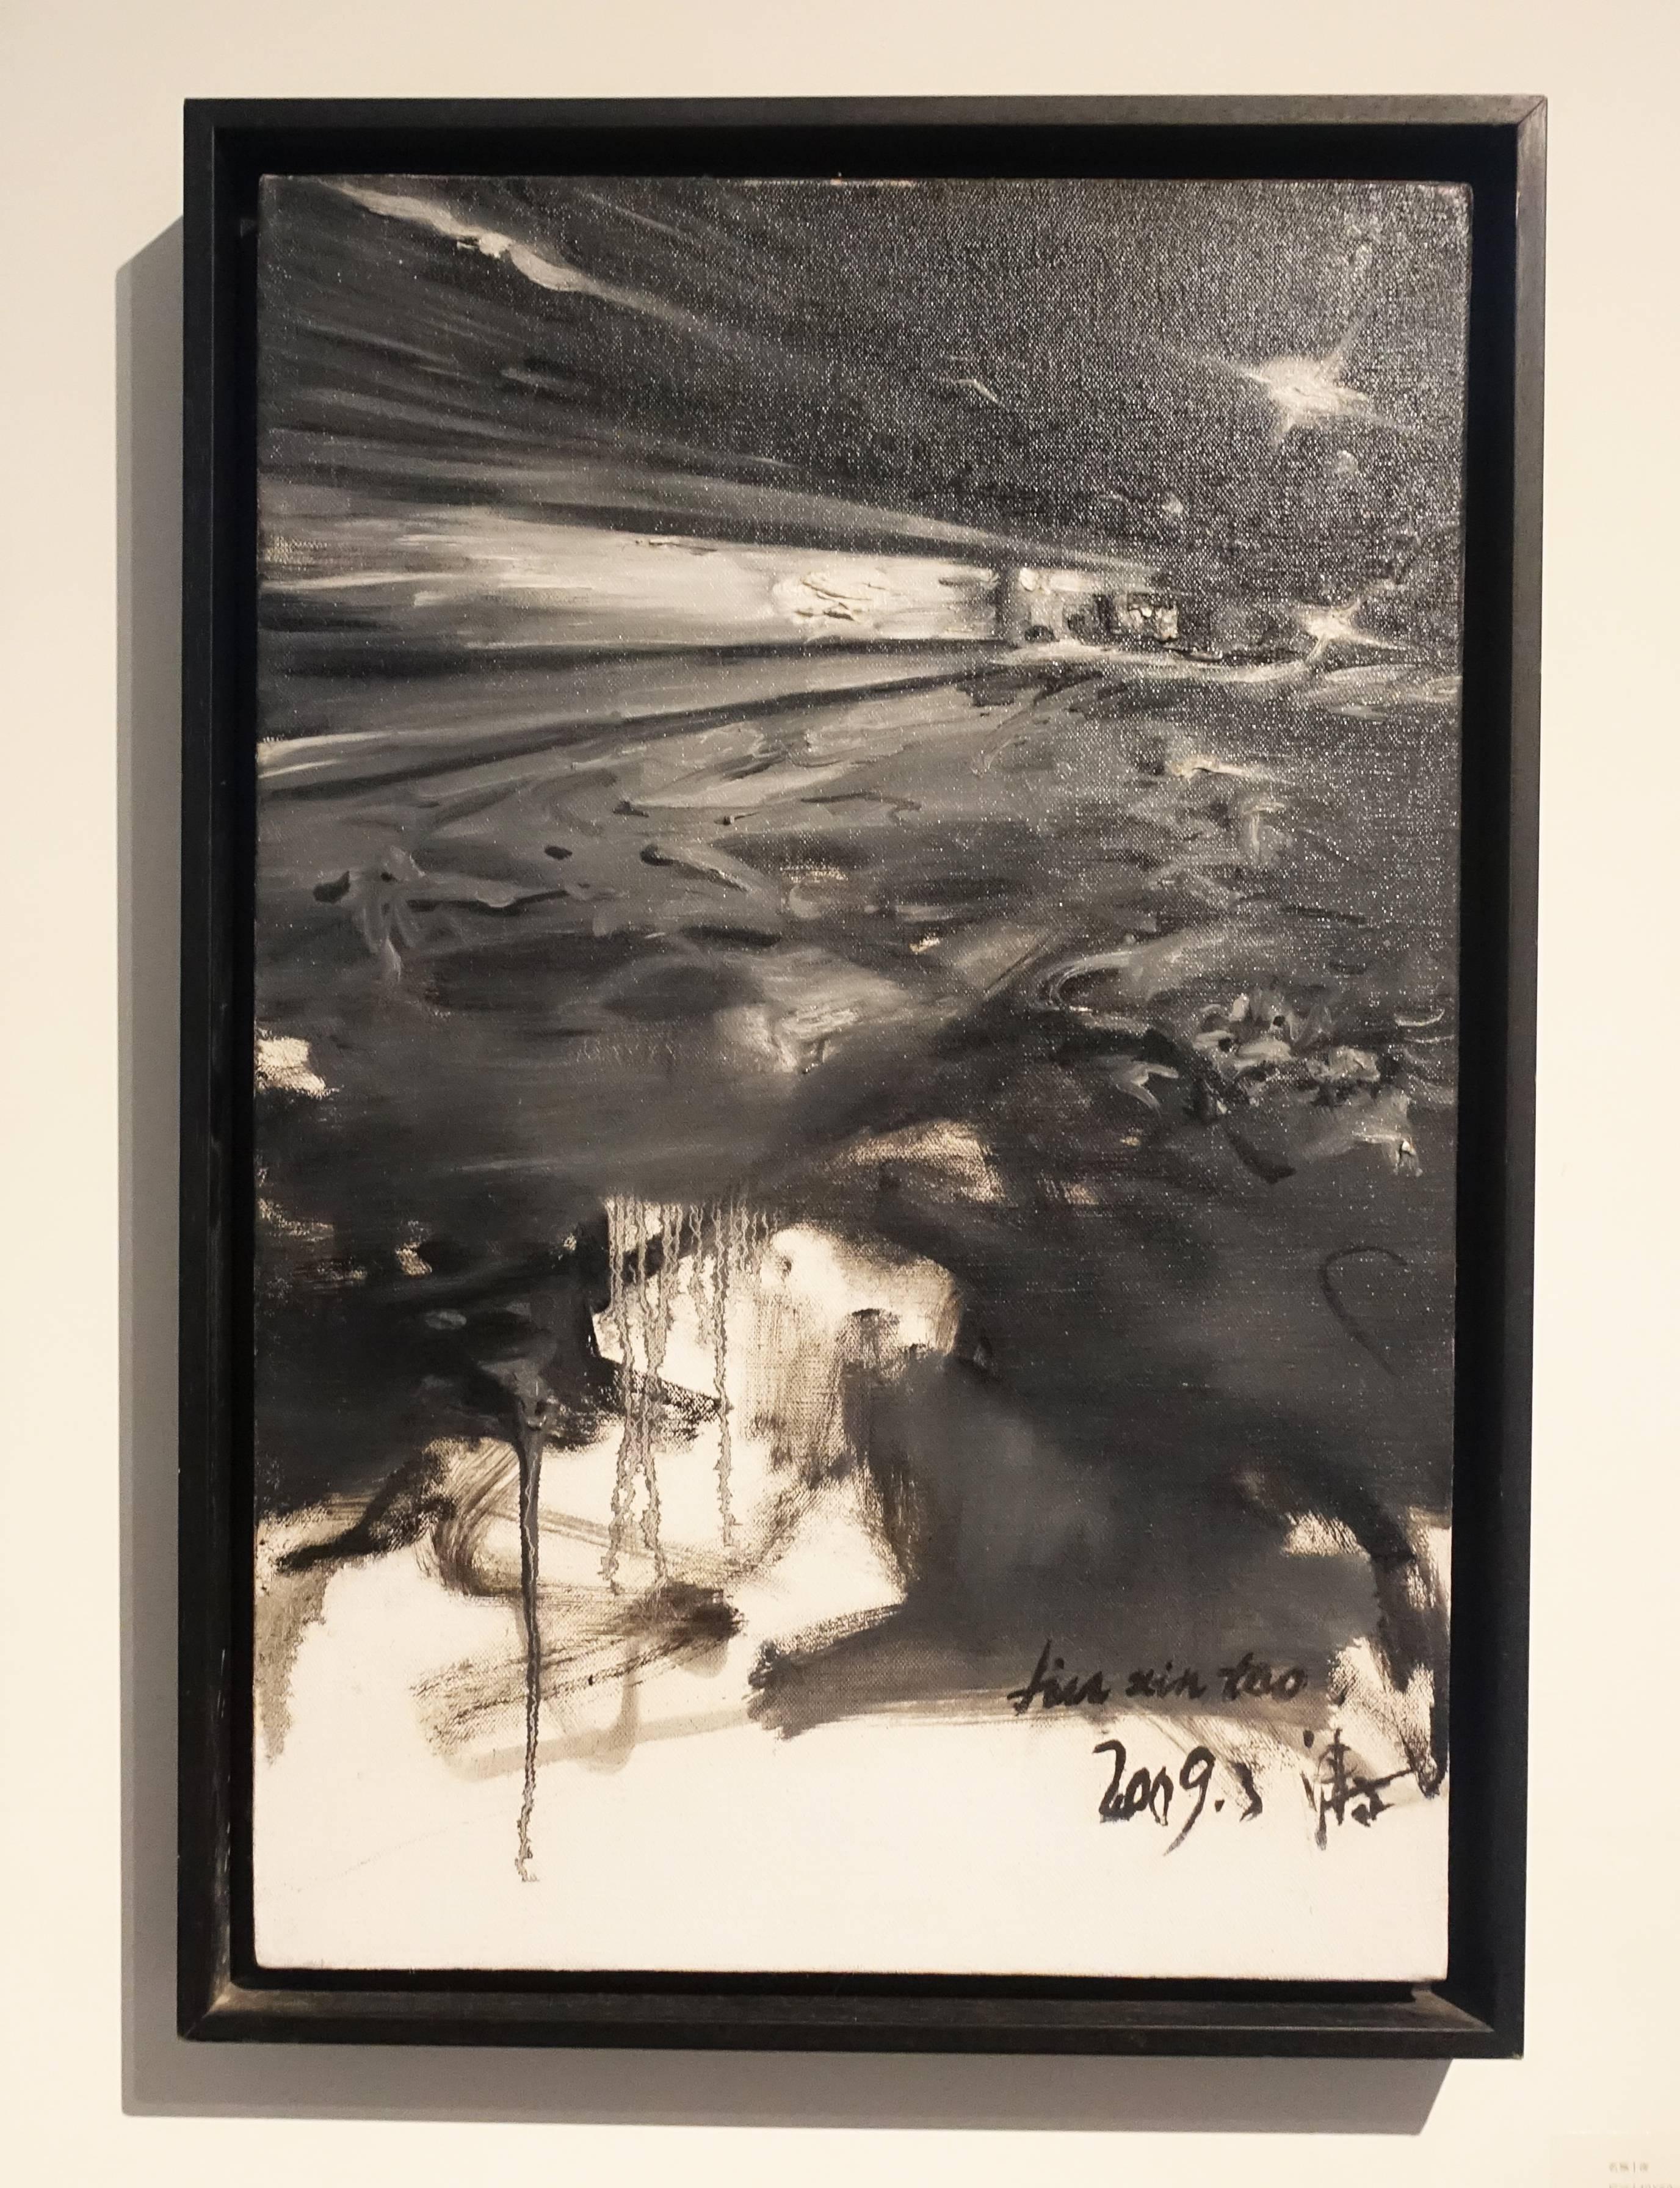 劉芯濤,《夜》,40 x 60 cm,布面油畫,2009。